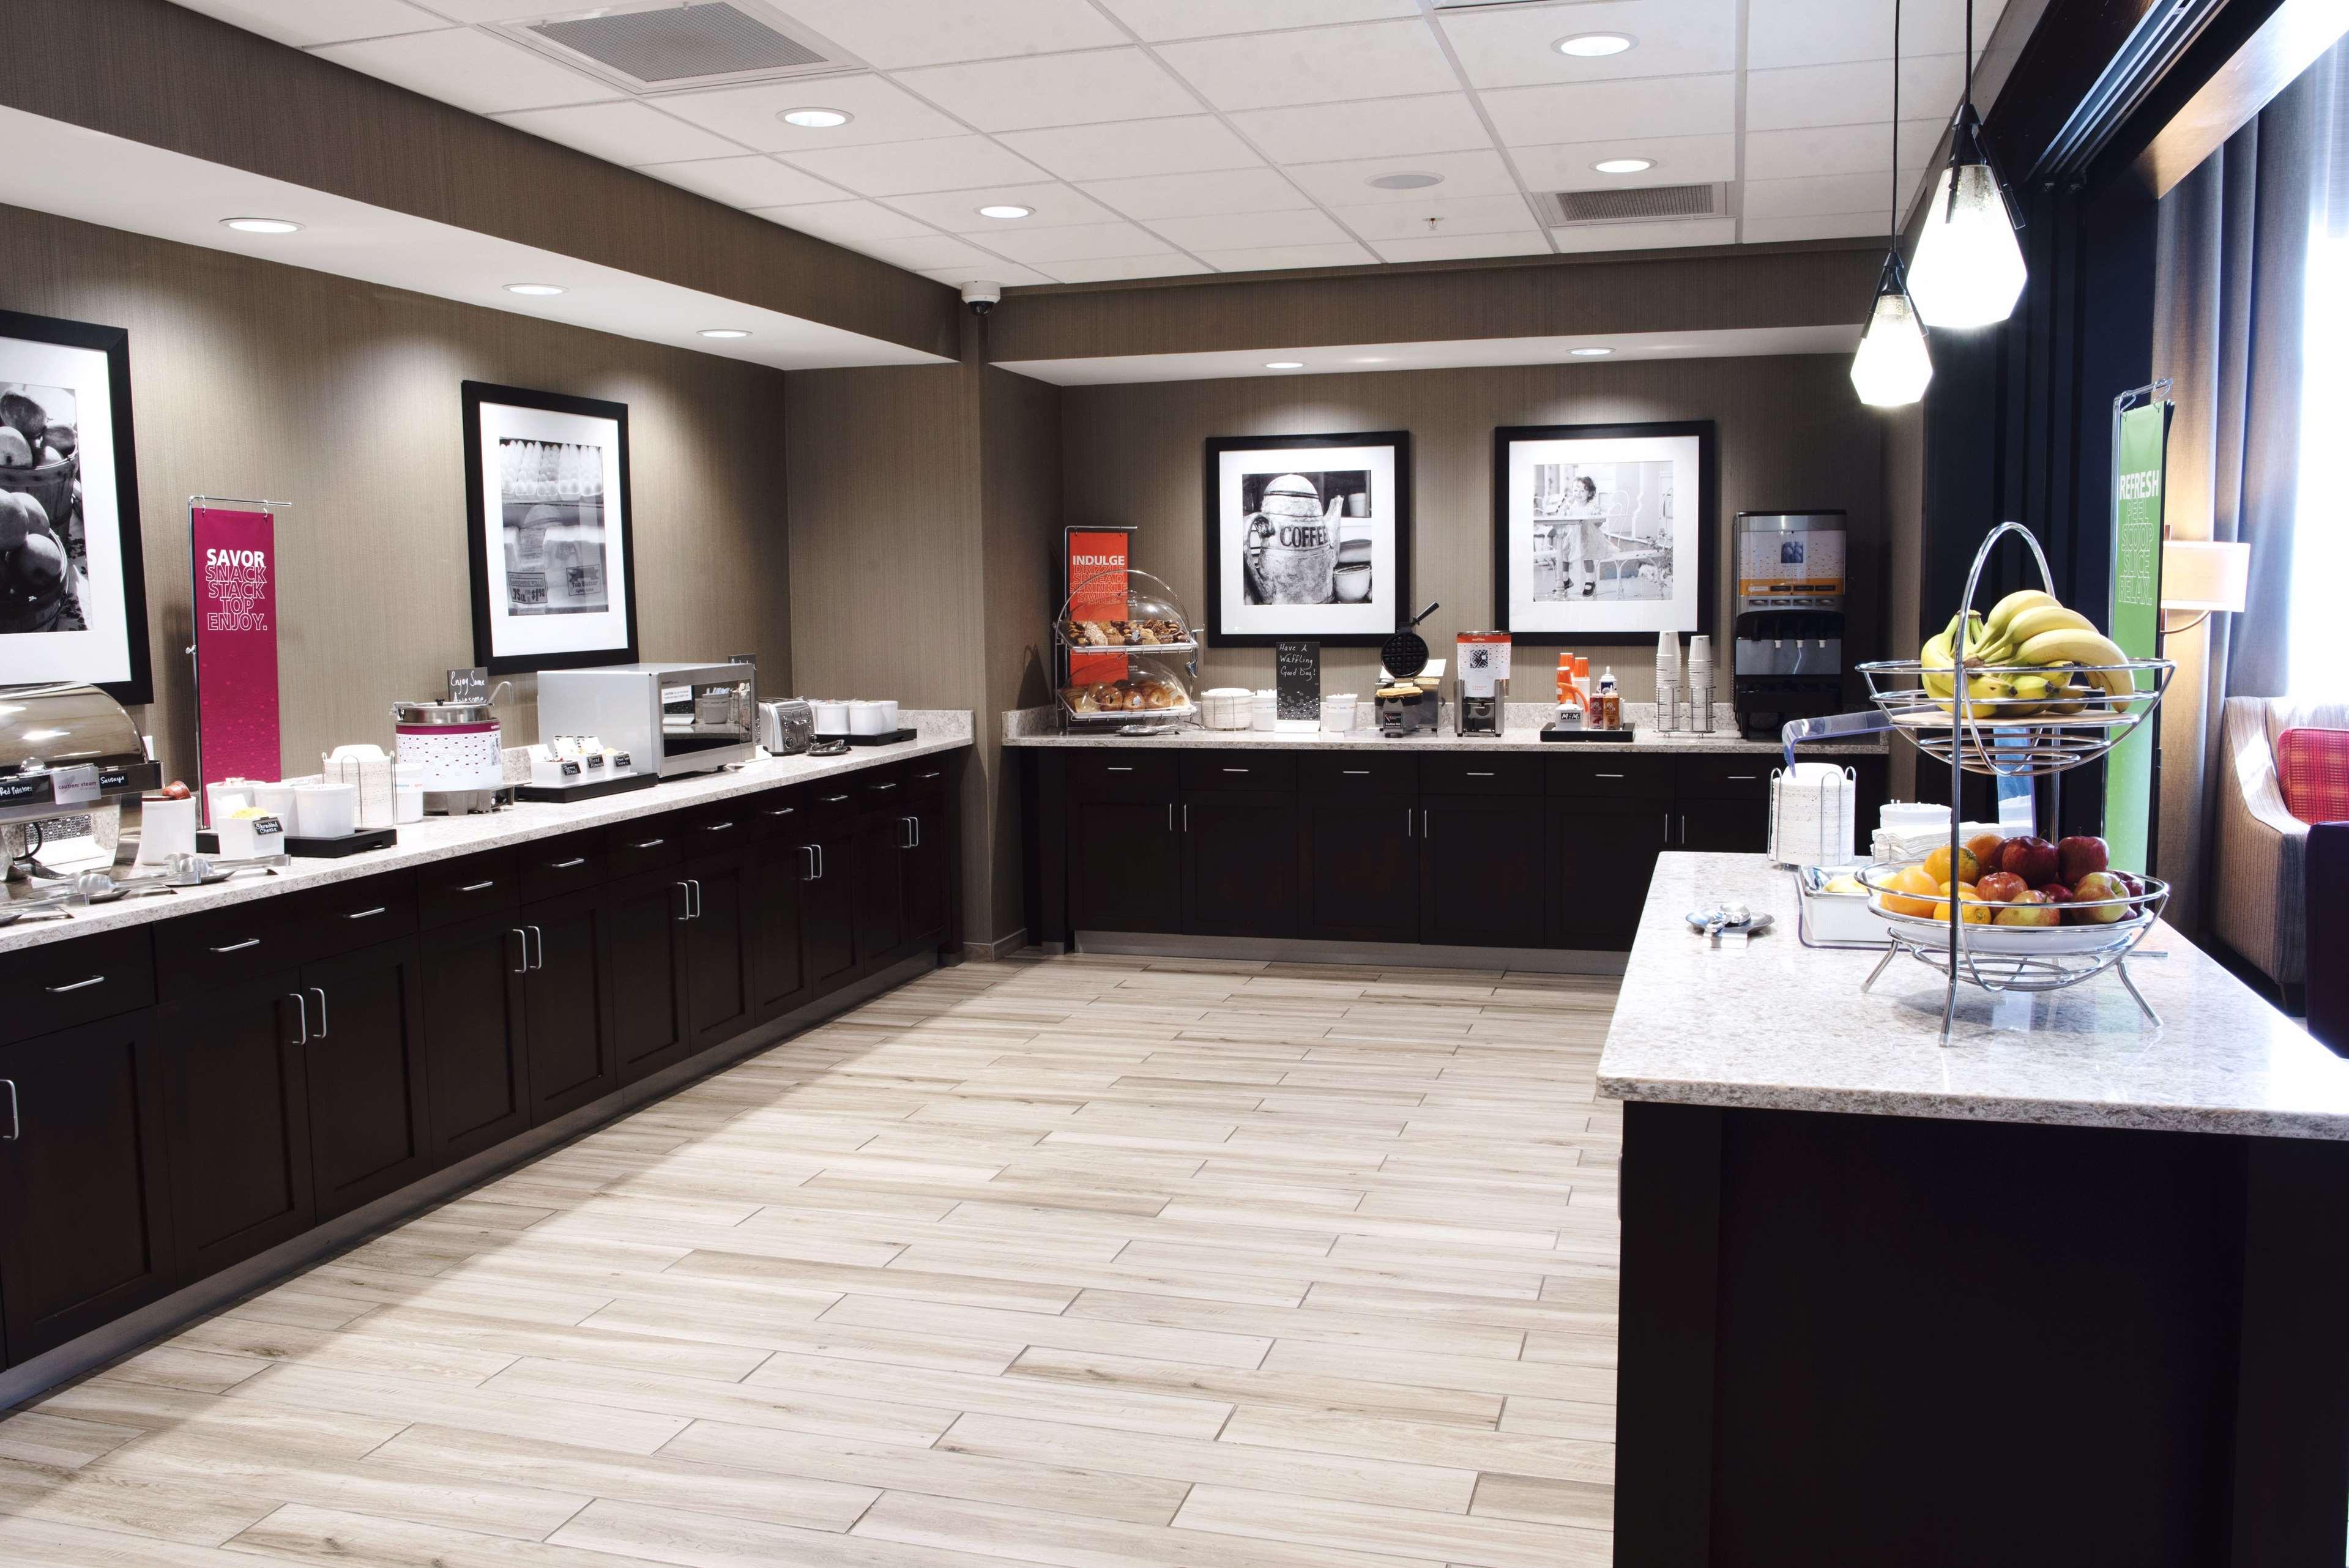 Hampton Inn & Suites Des Moines/Urbandale image 13